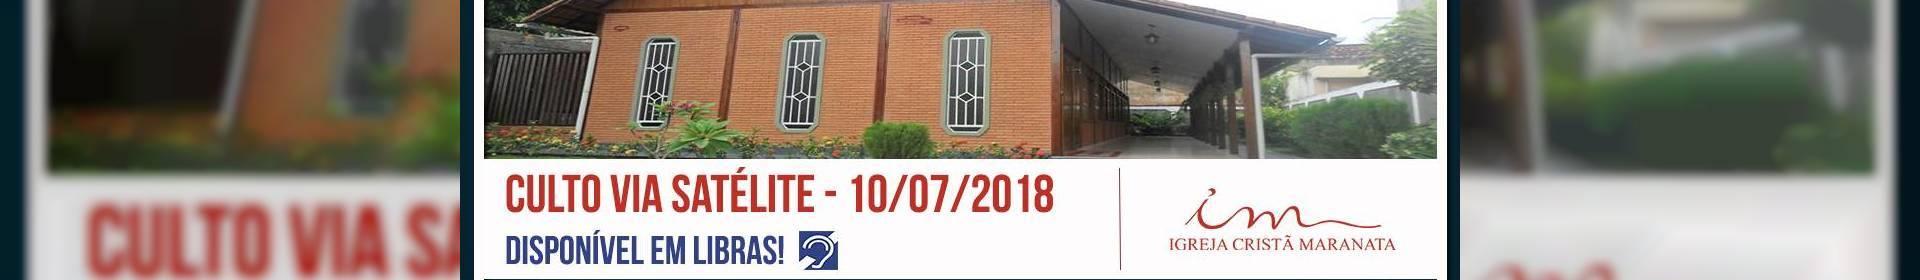 Culto via satélite da Igreja Cristã Maranata - 10/07/2018